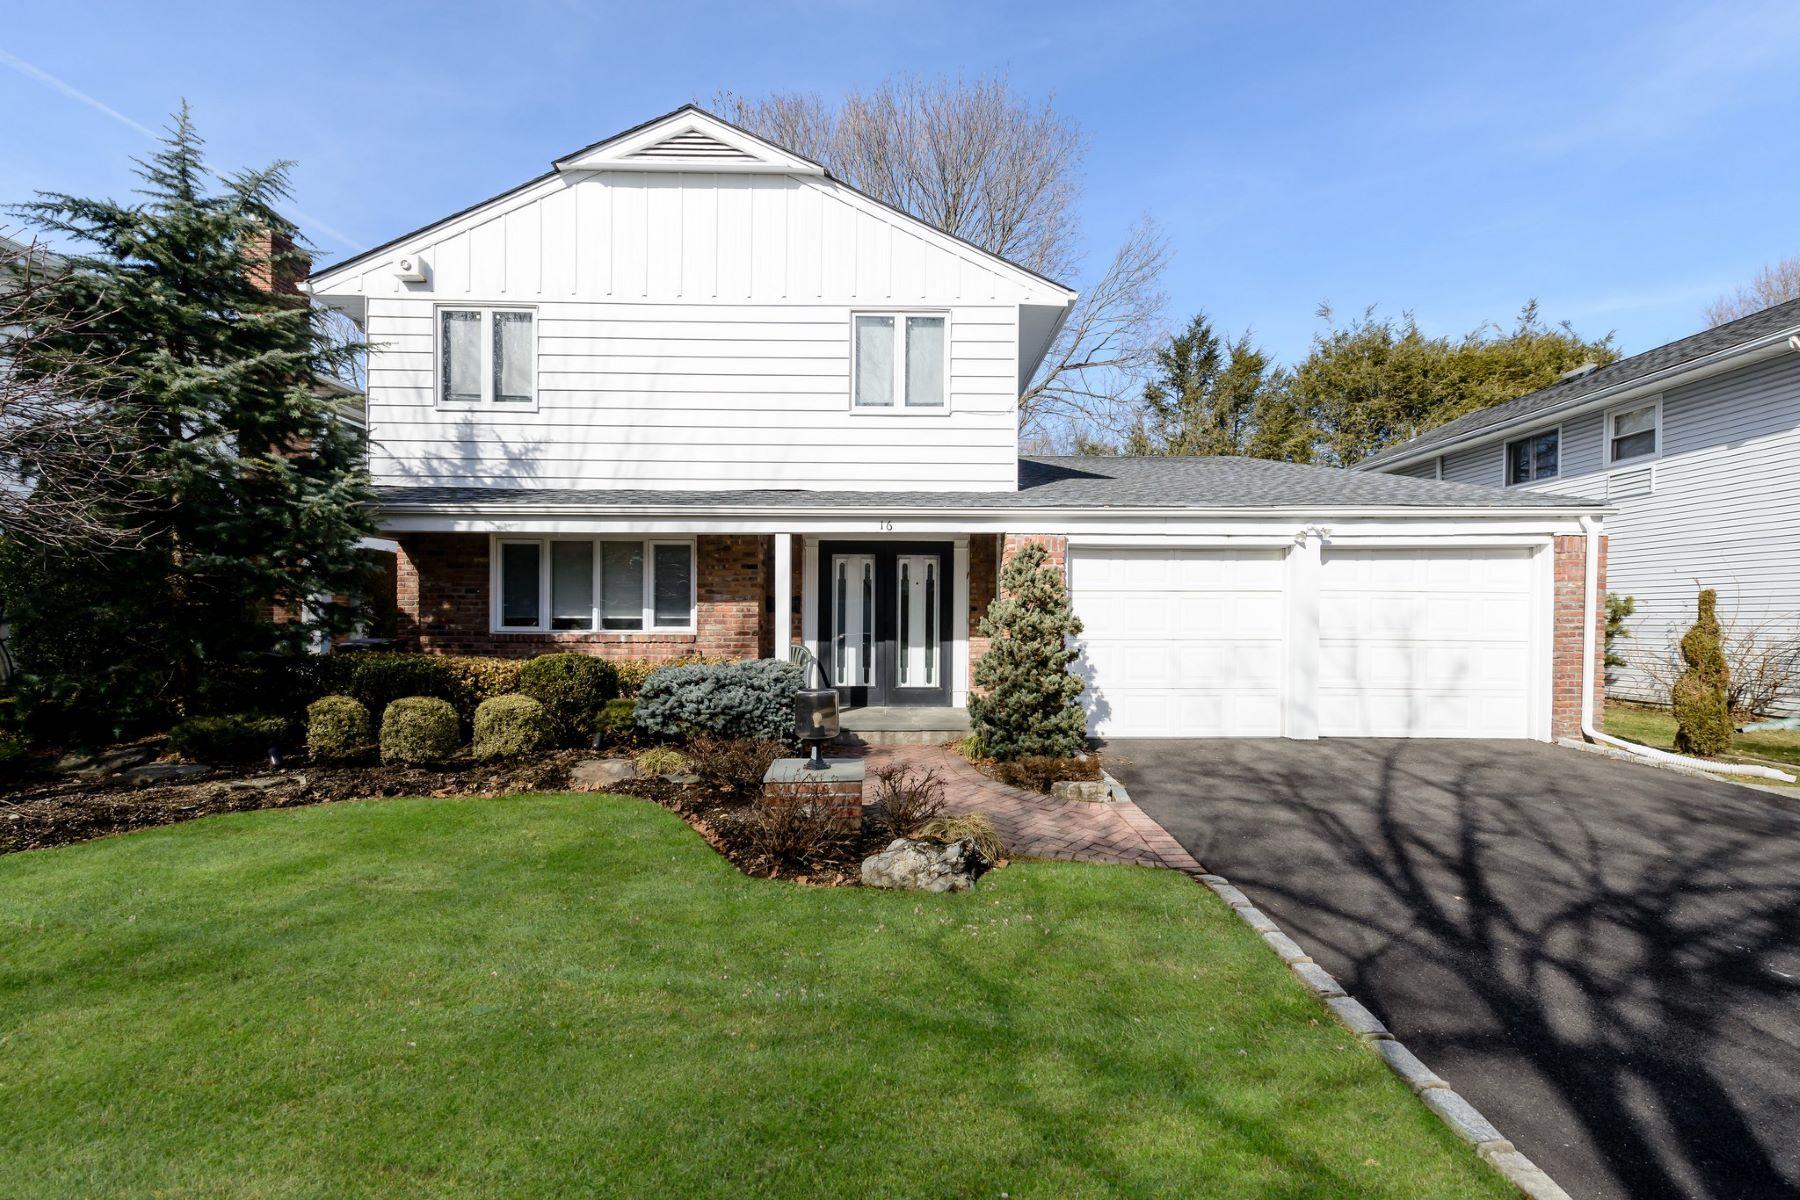 واحد منزل الأسرة للـ Sale في 16 Heathcote Dr , Albertson, NY 11507 16 Heathcote Dr, Albertson, New York, 11507 United States